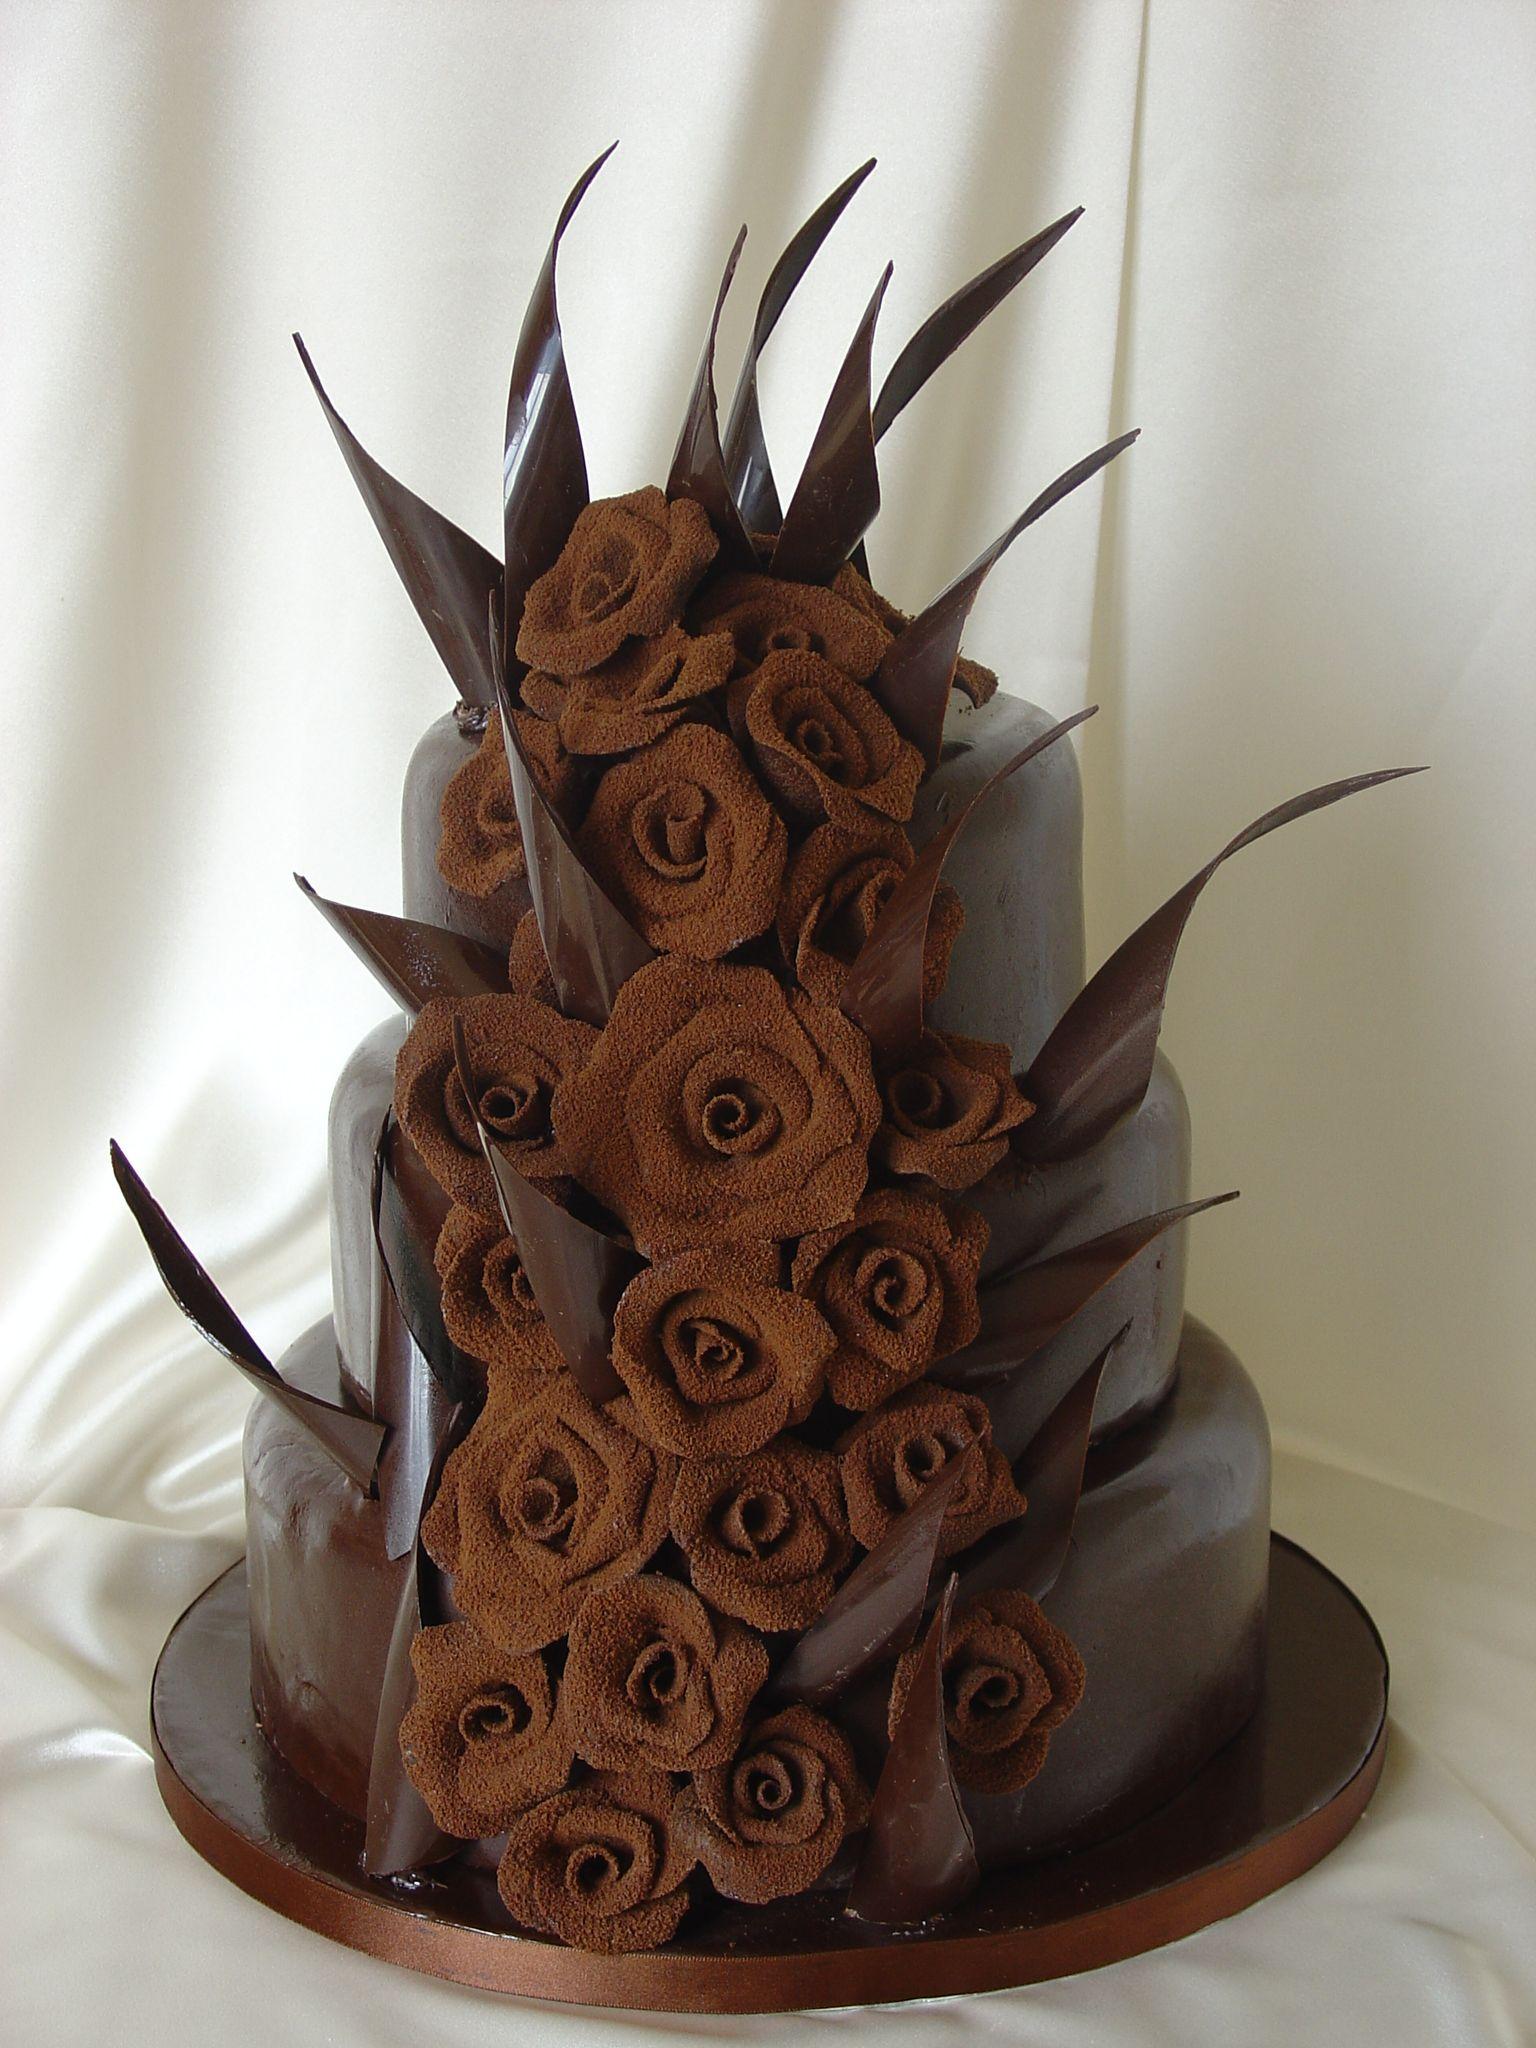 Risultati immagini per cake design birthday Chocolate chips